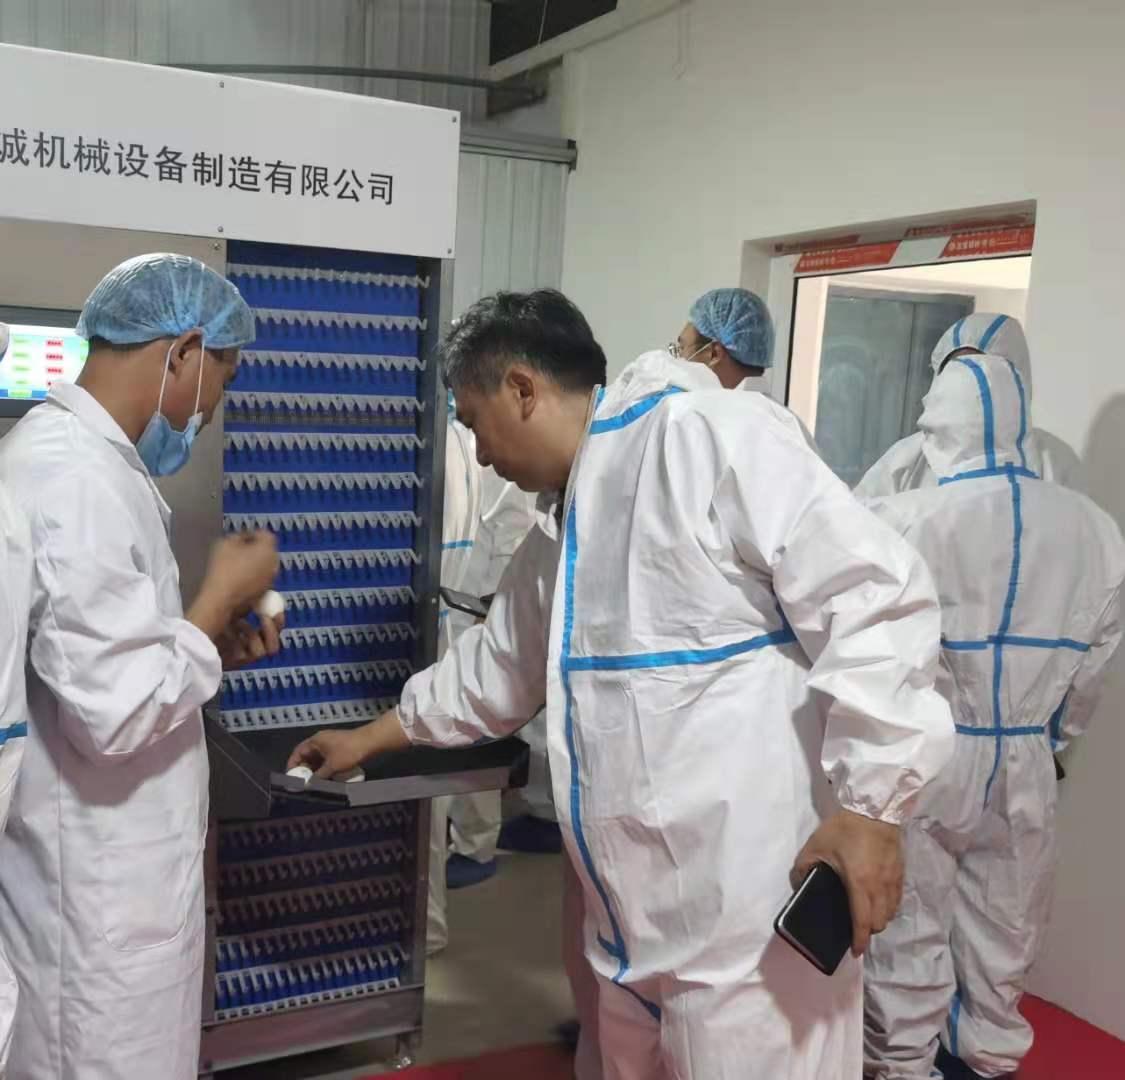 我國首臺種雞性能智能測定系統投入應用